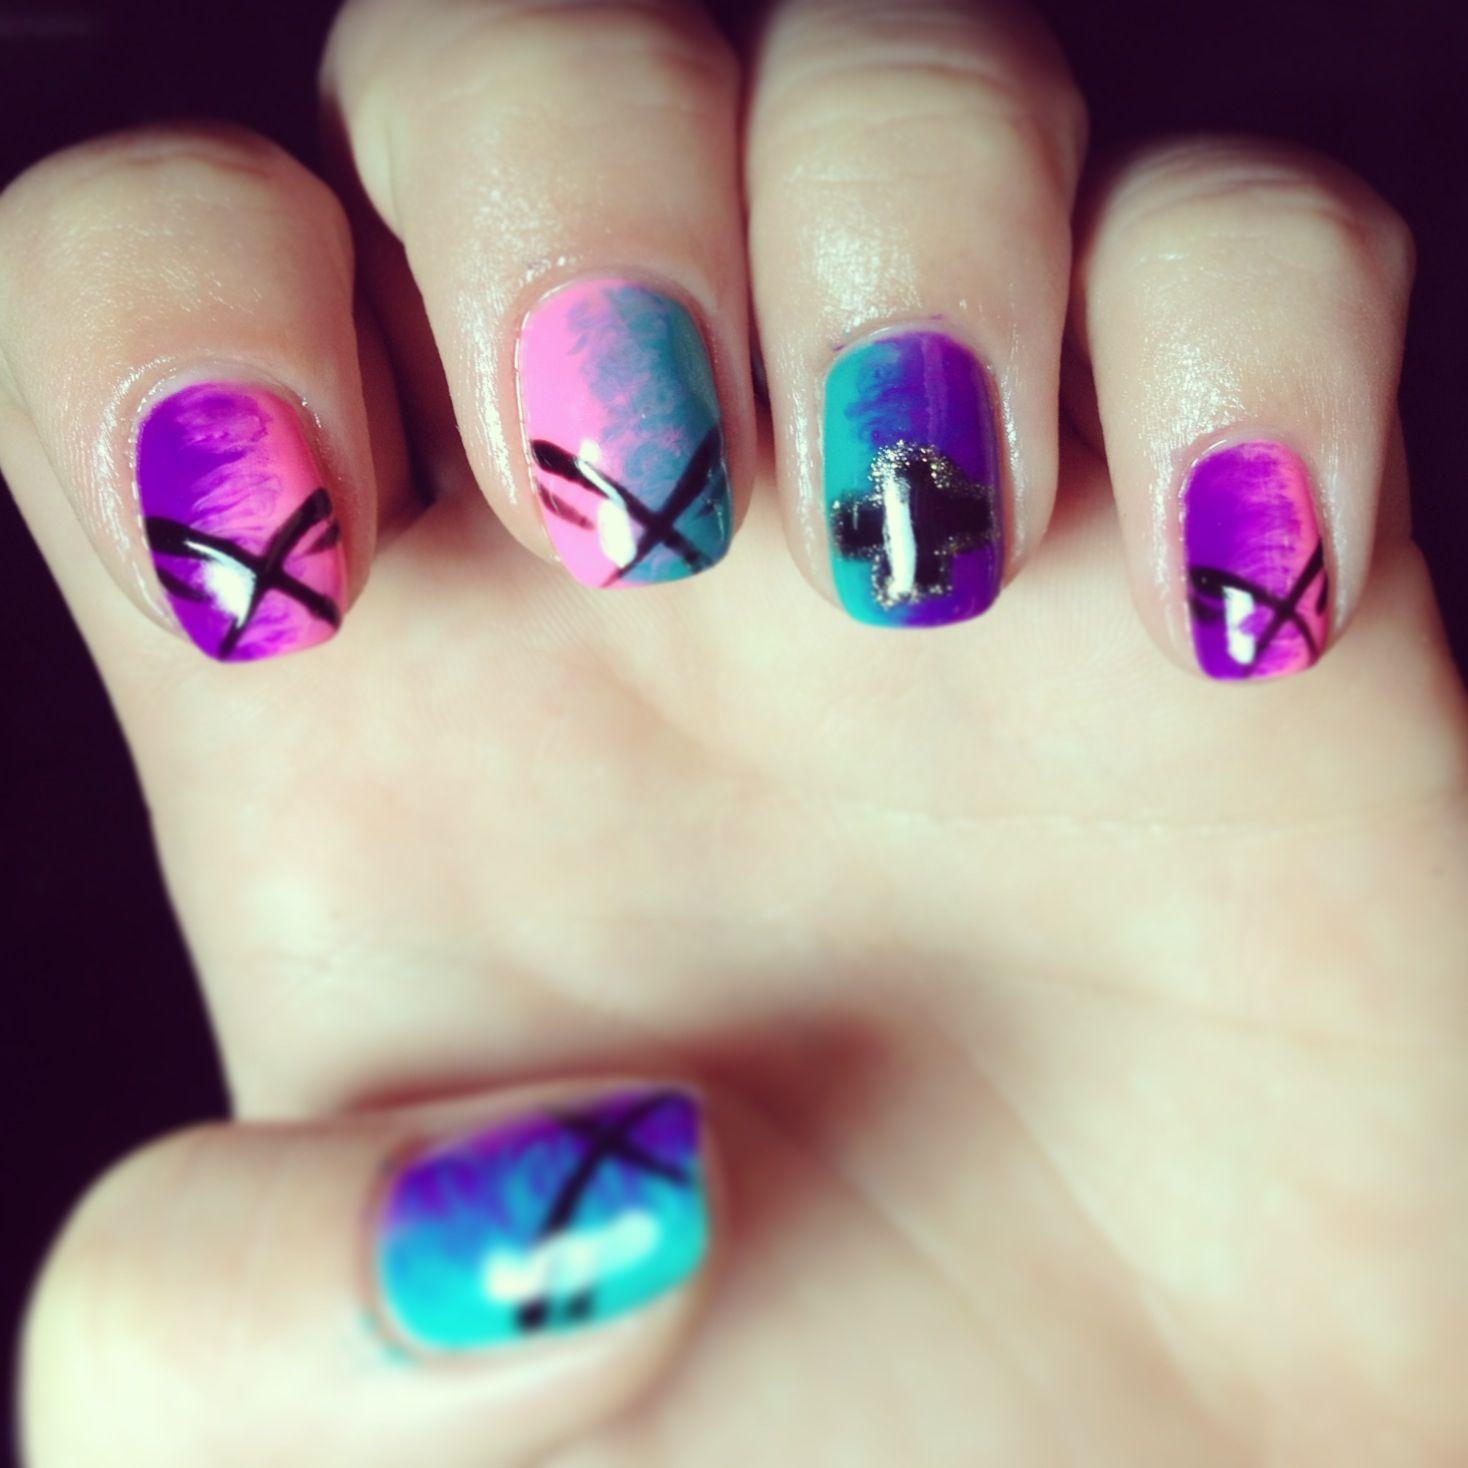 nails nail art polish design gelish